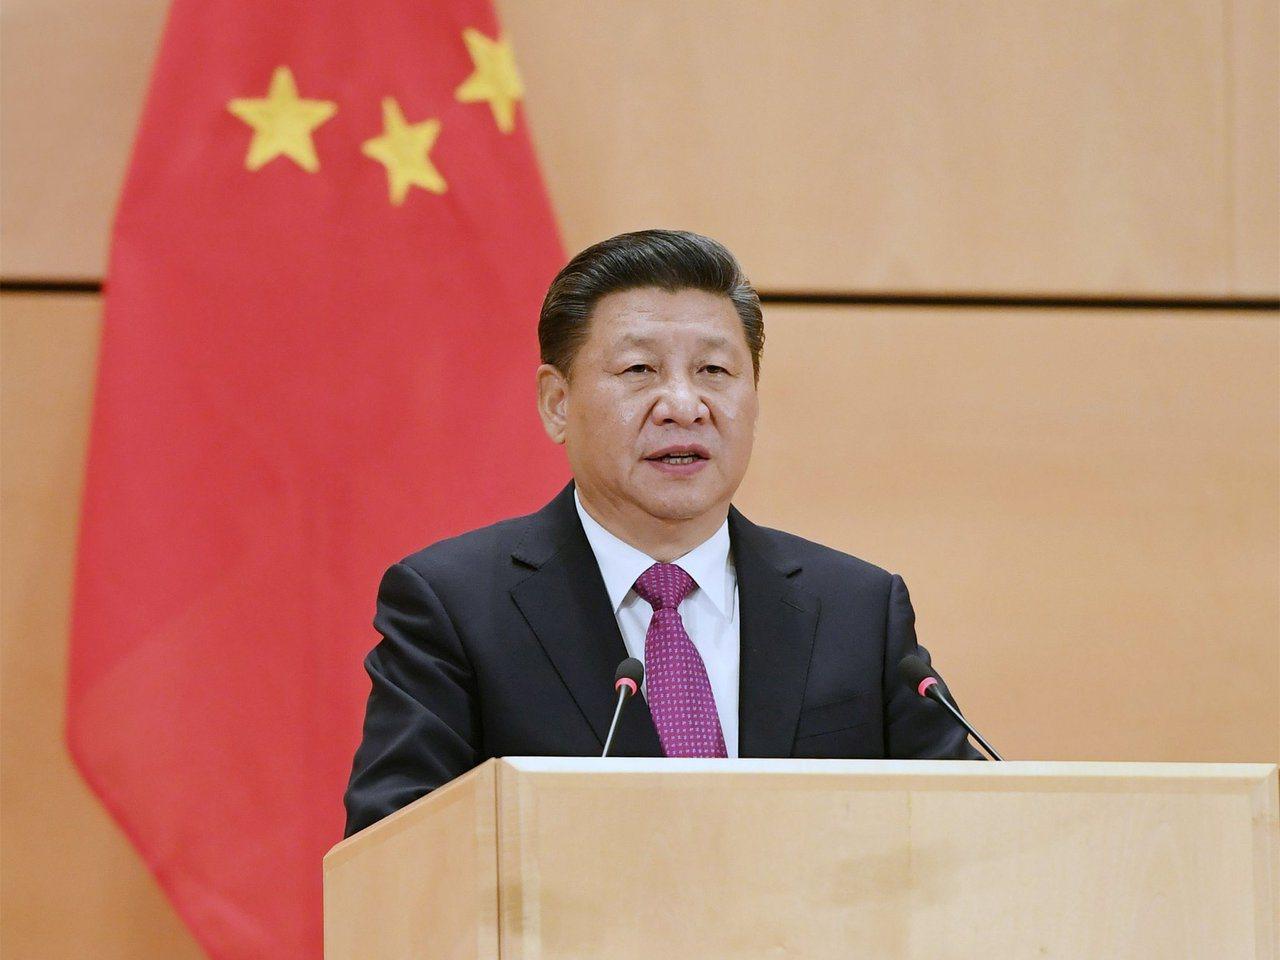 中國大陸國家主席習近平(圖)今(26日)晚間出席春節團拜會時表示,「全黨全軍全國...